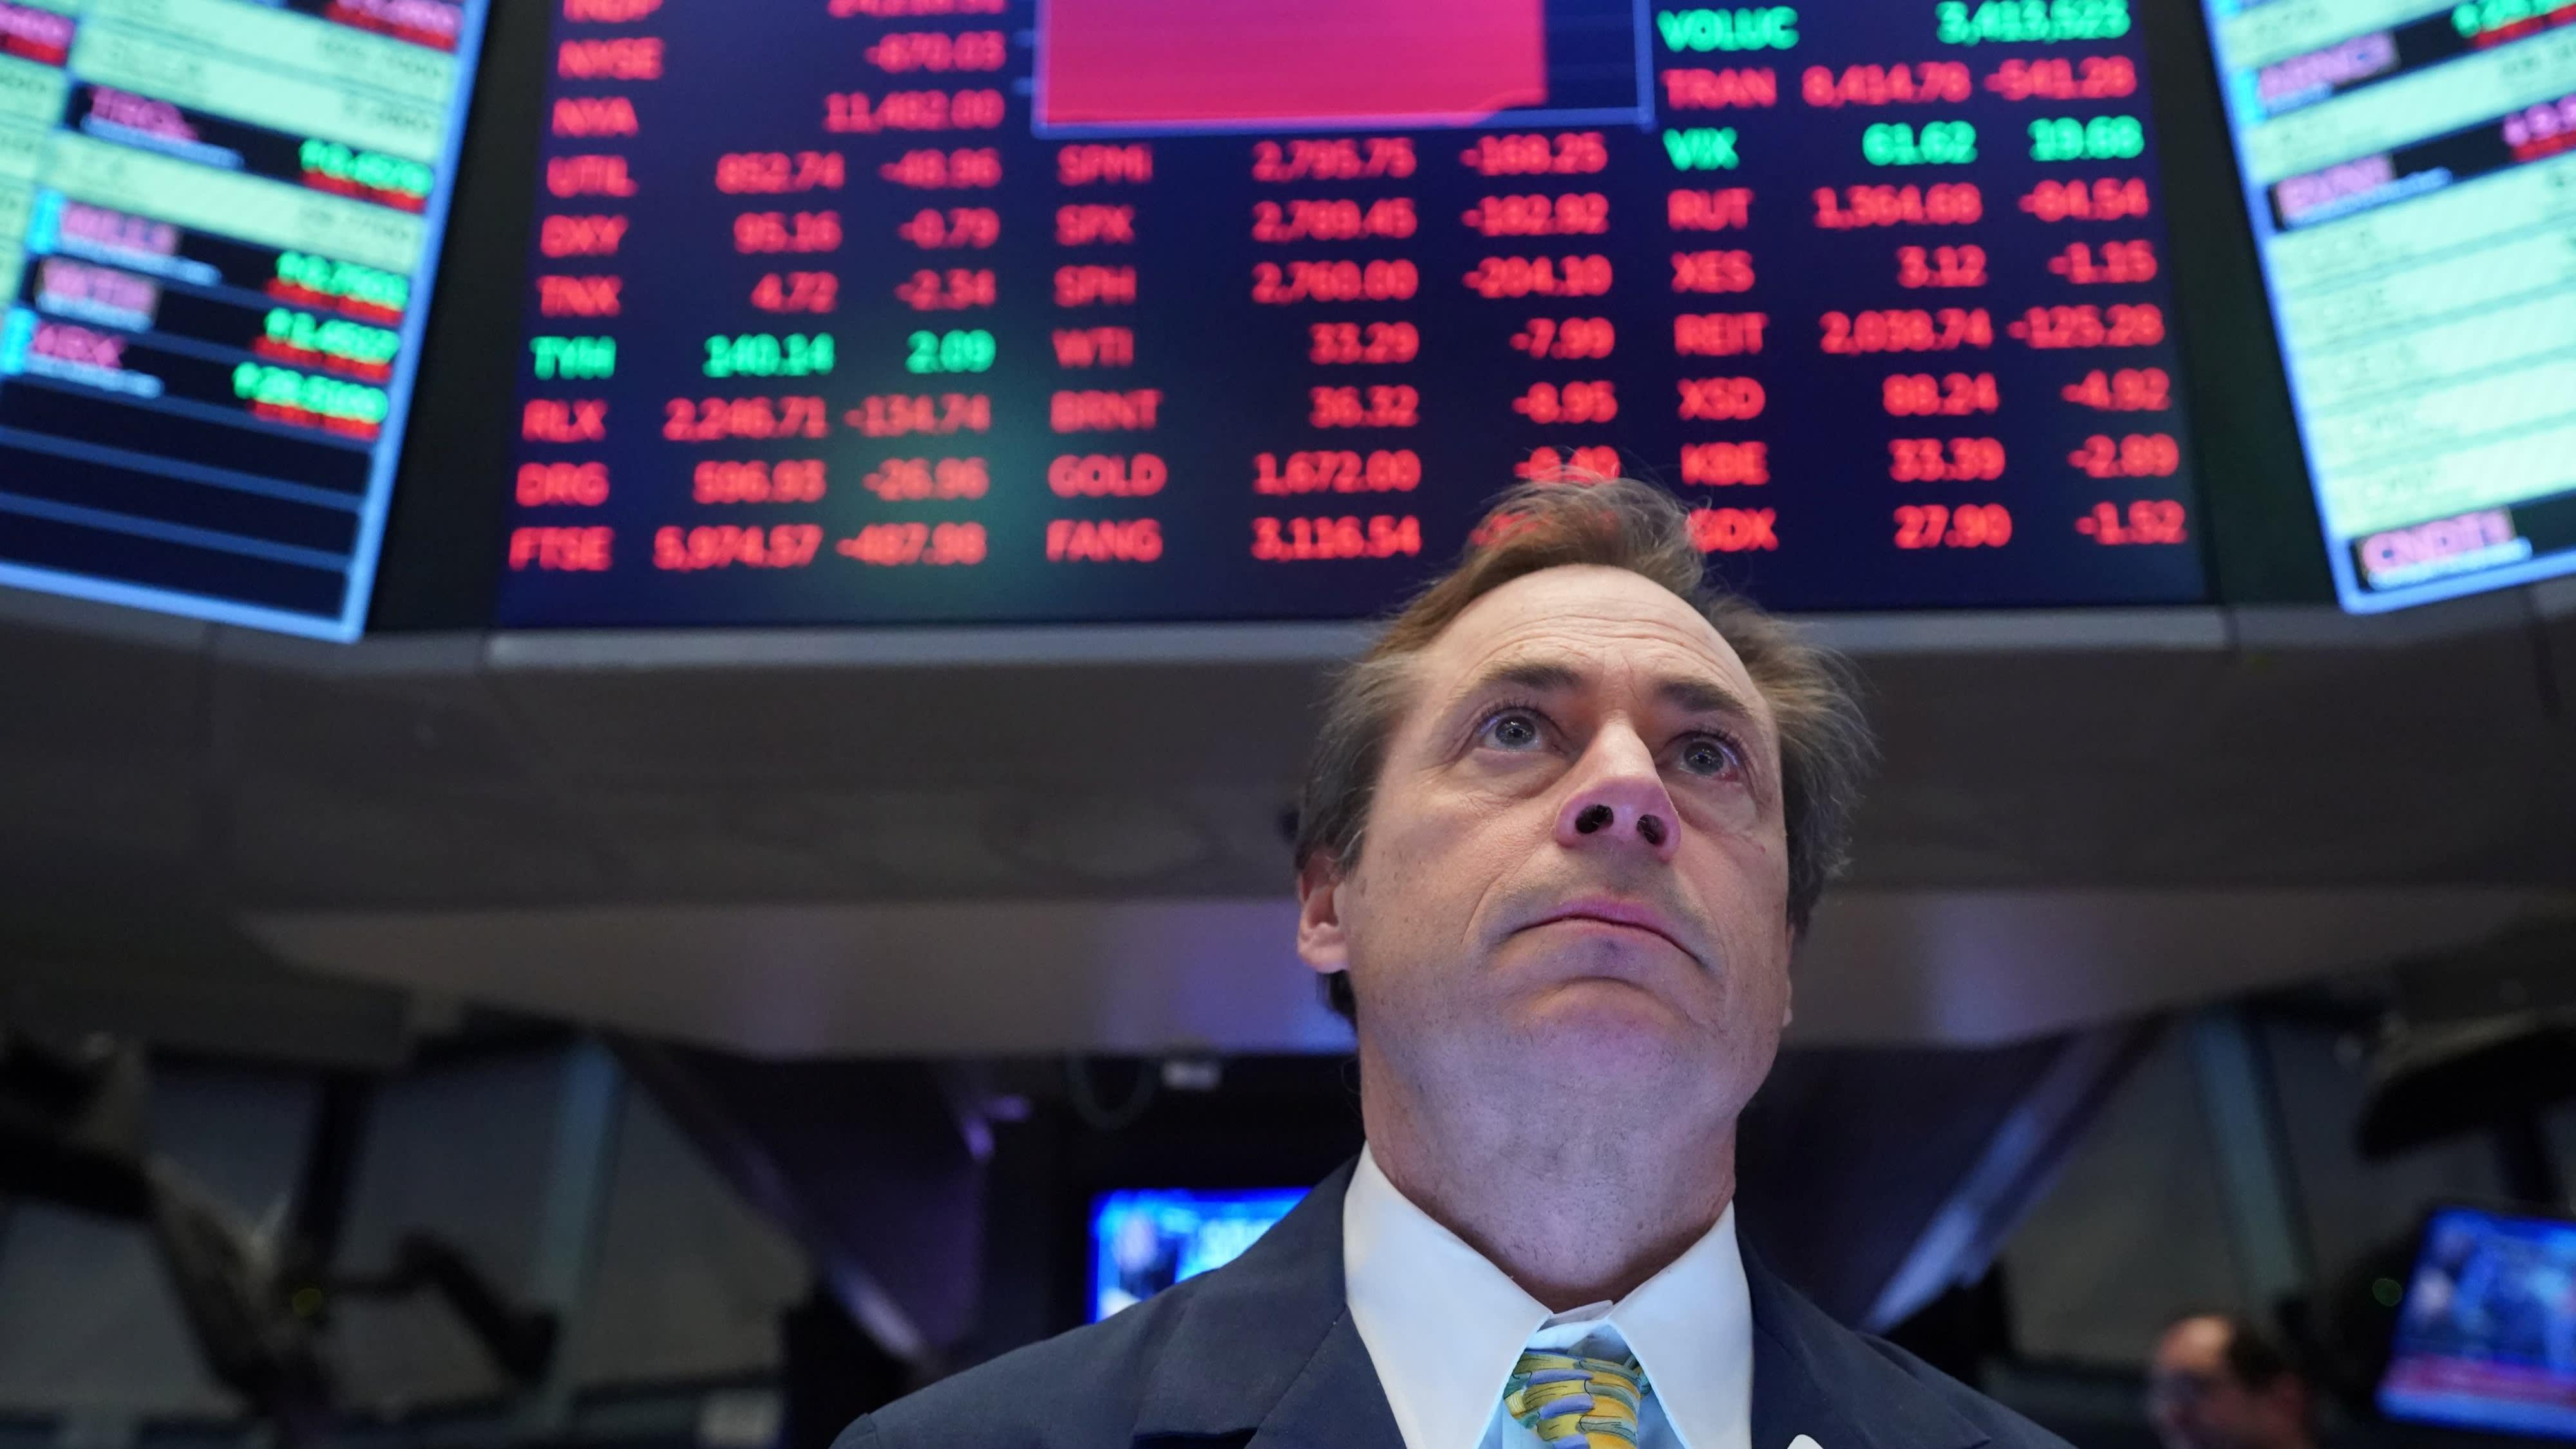 Dow Jones mất mốc 28.000, cổ phiếu công nghệ tiếp tục giảm sâu - Ảnh 1.